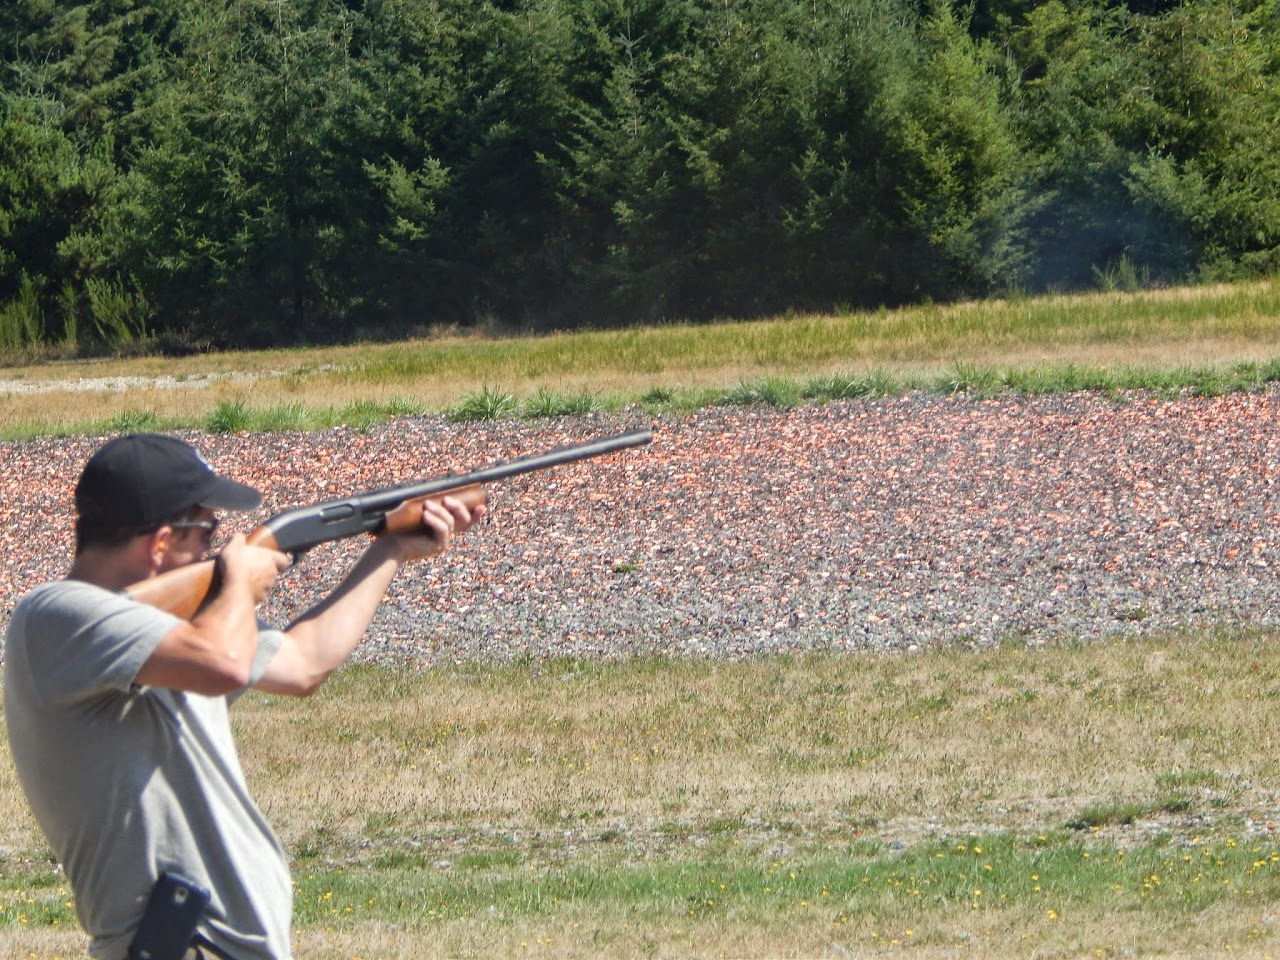 Shooting Sports Aug 2014 - DSCN1896.JPG